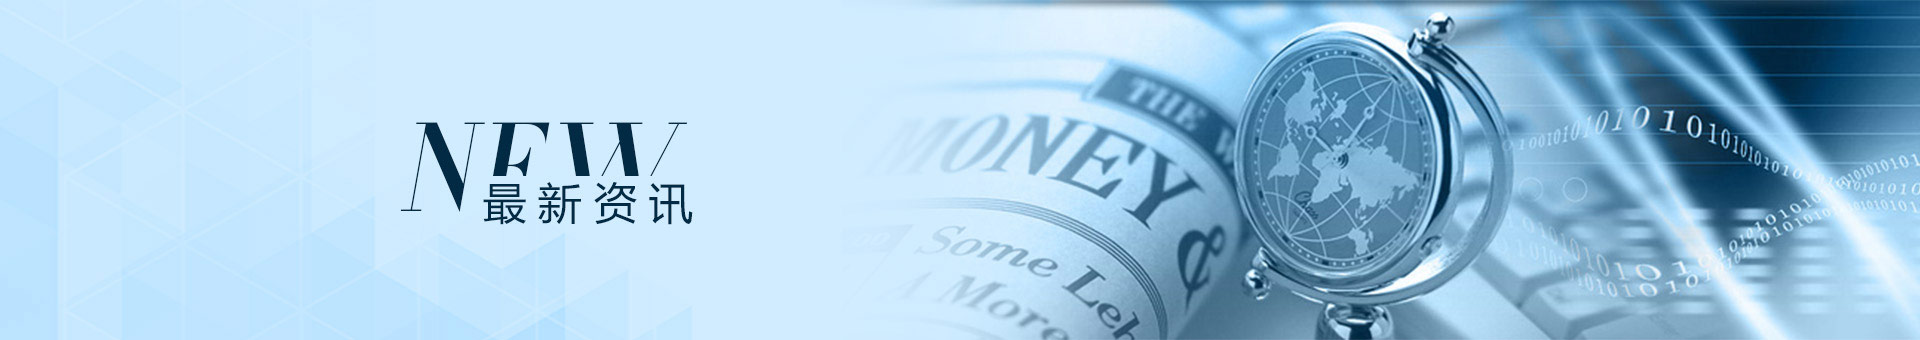 天威诚信|ssl证书|ssl证书购买|ssl证书申请|ev ssl证书